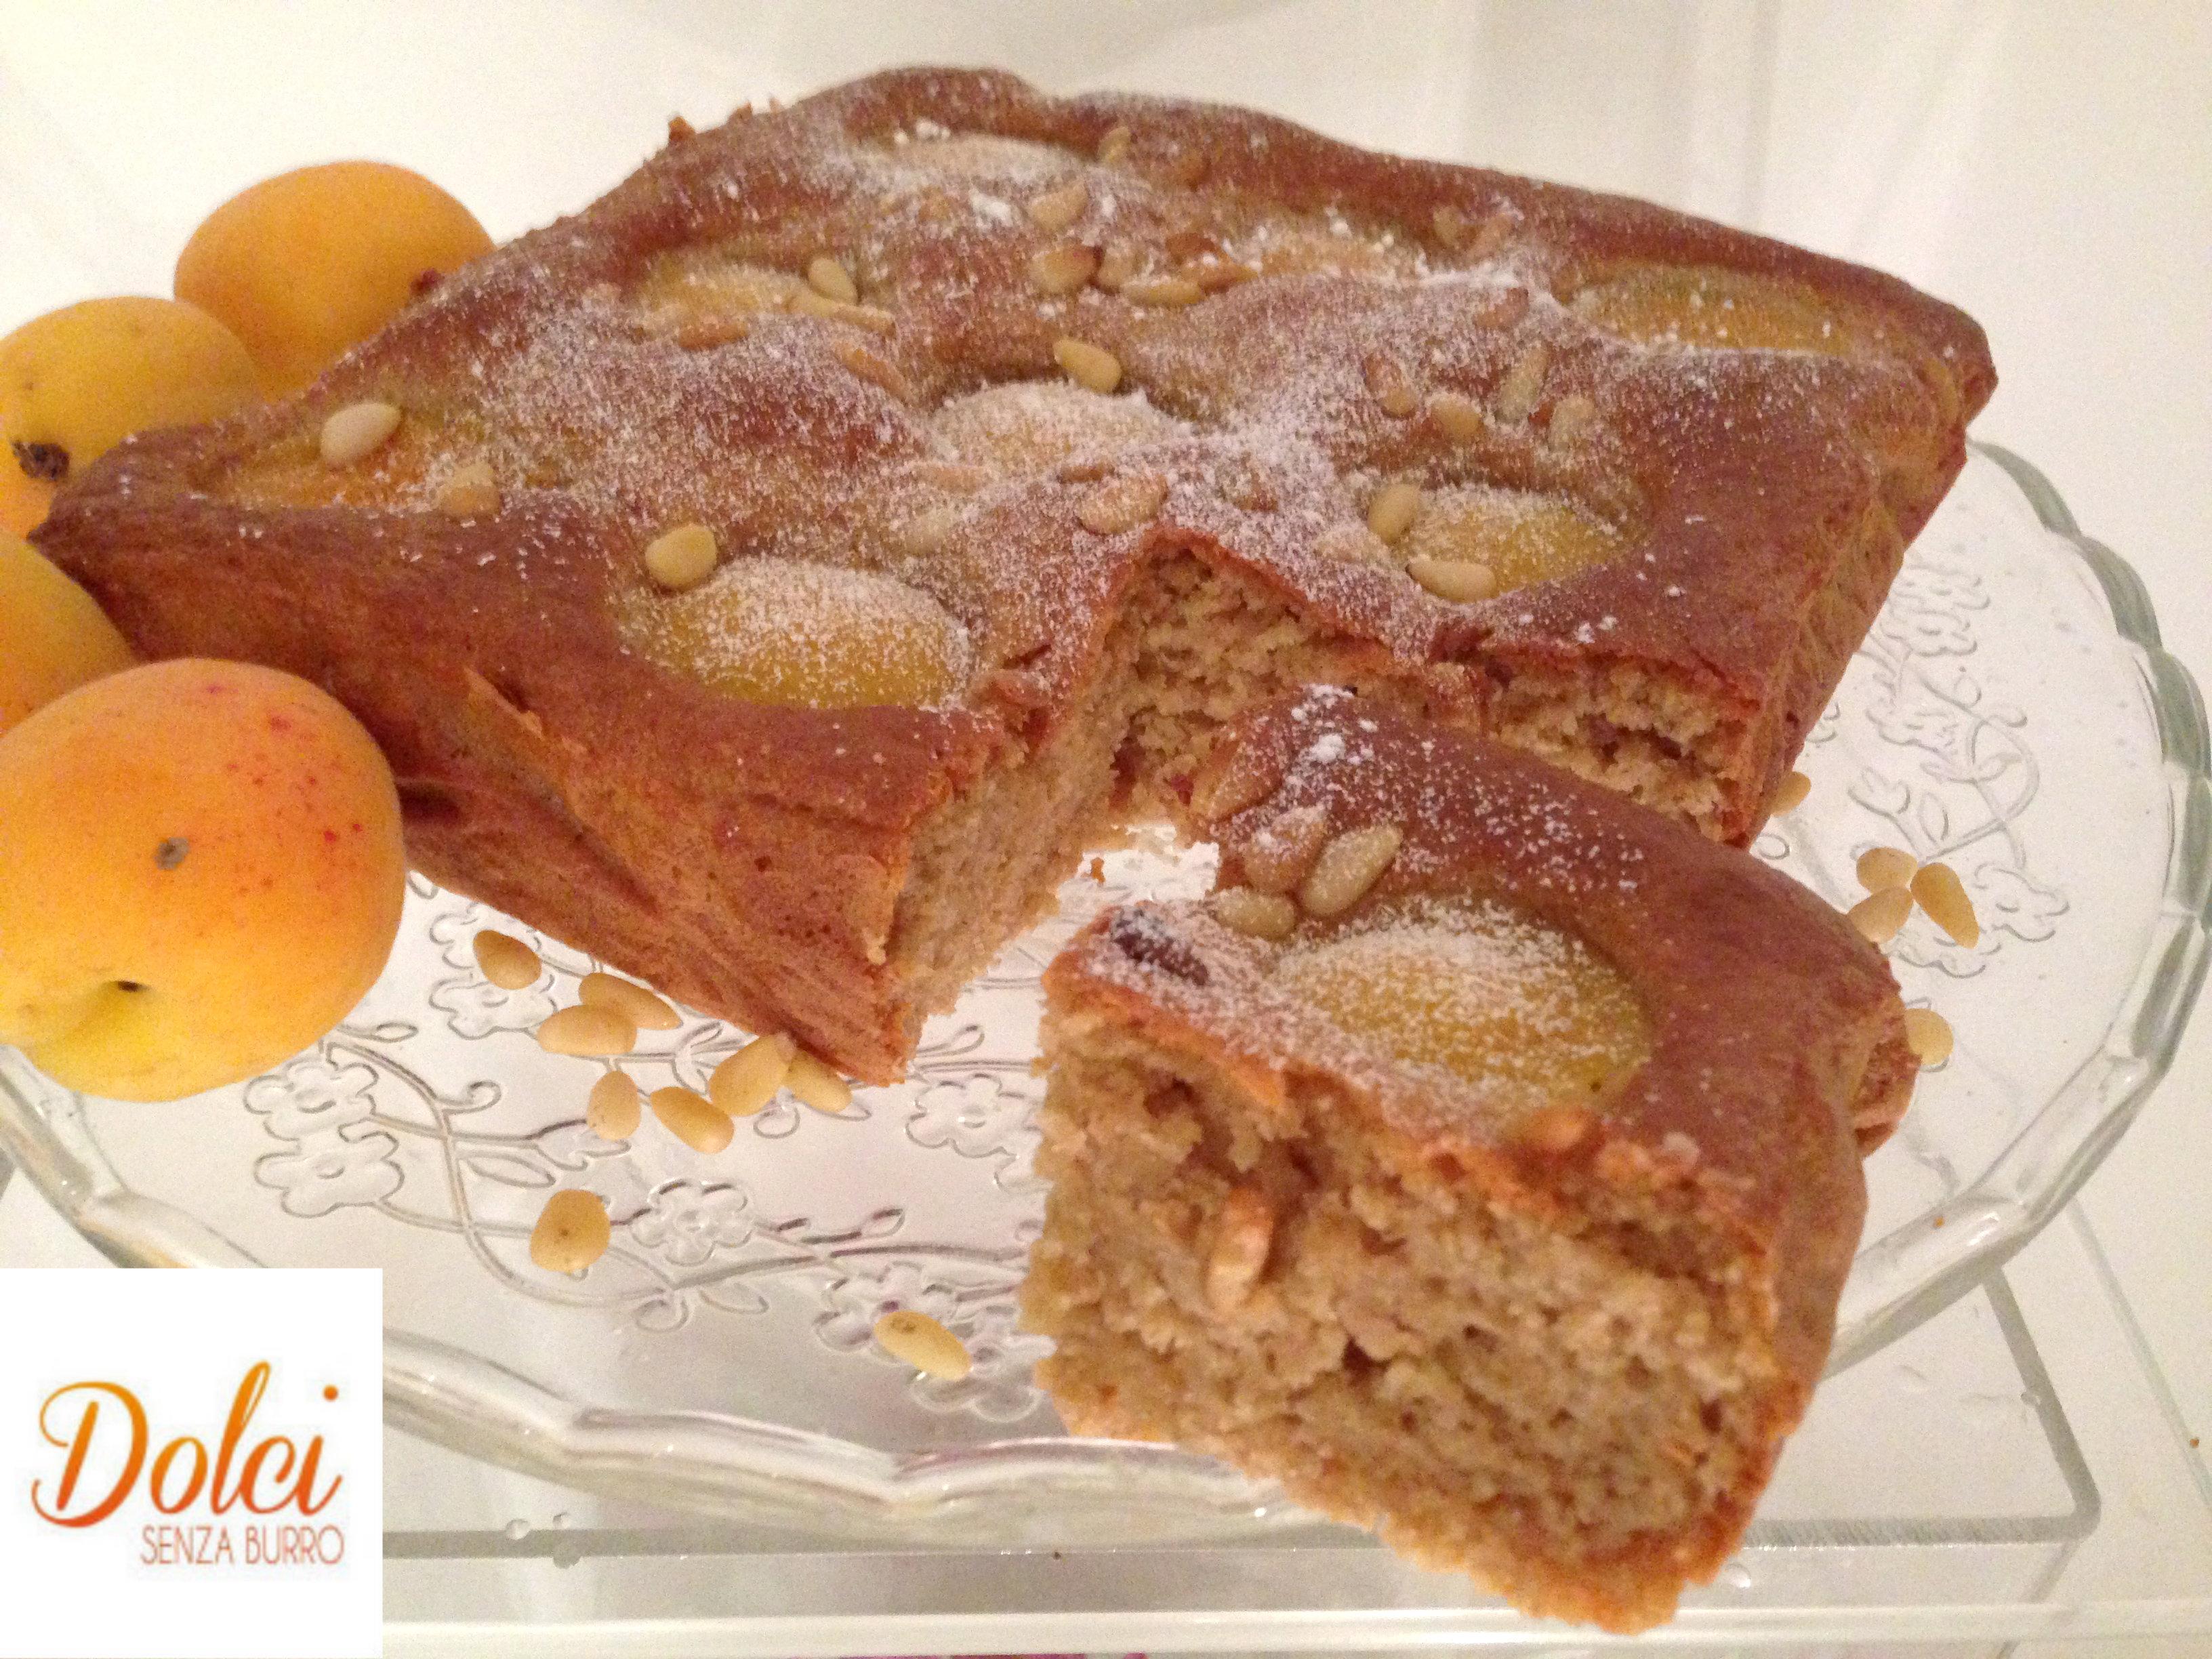 Torta di albicocche al kamut senza burro, il dolce senza lattosio di dolci senza burro